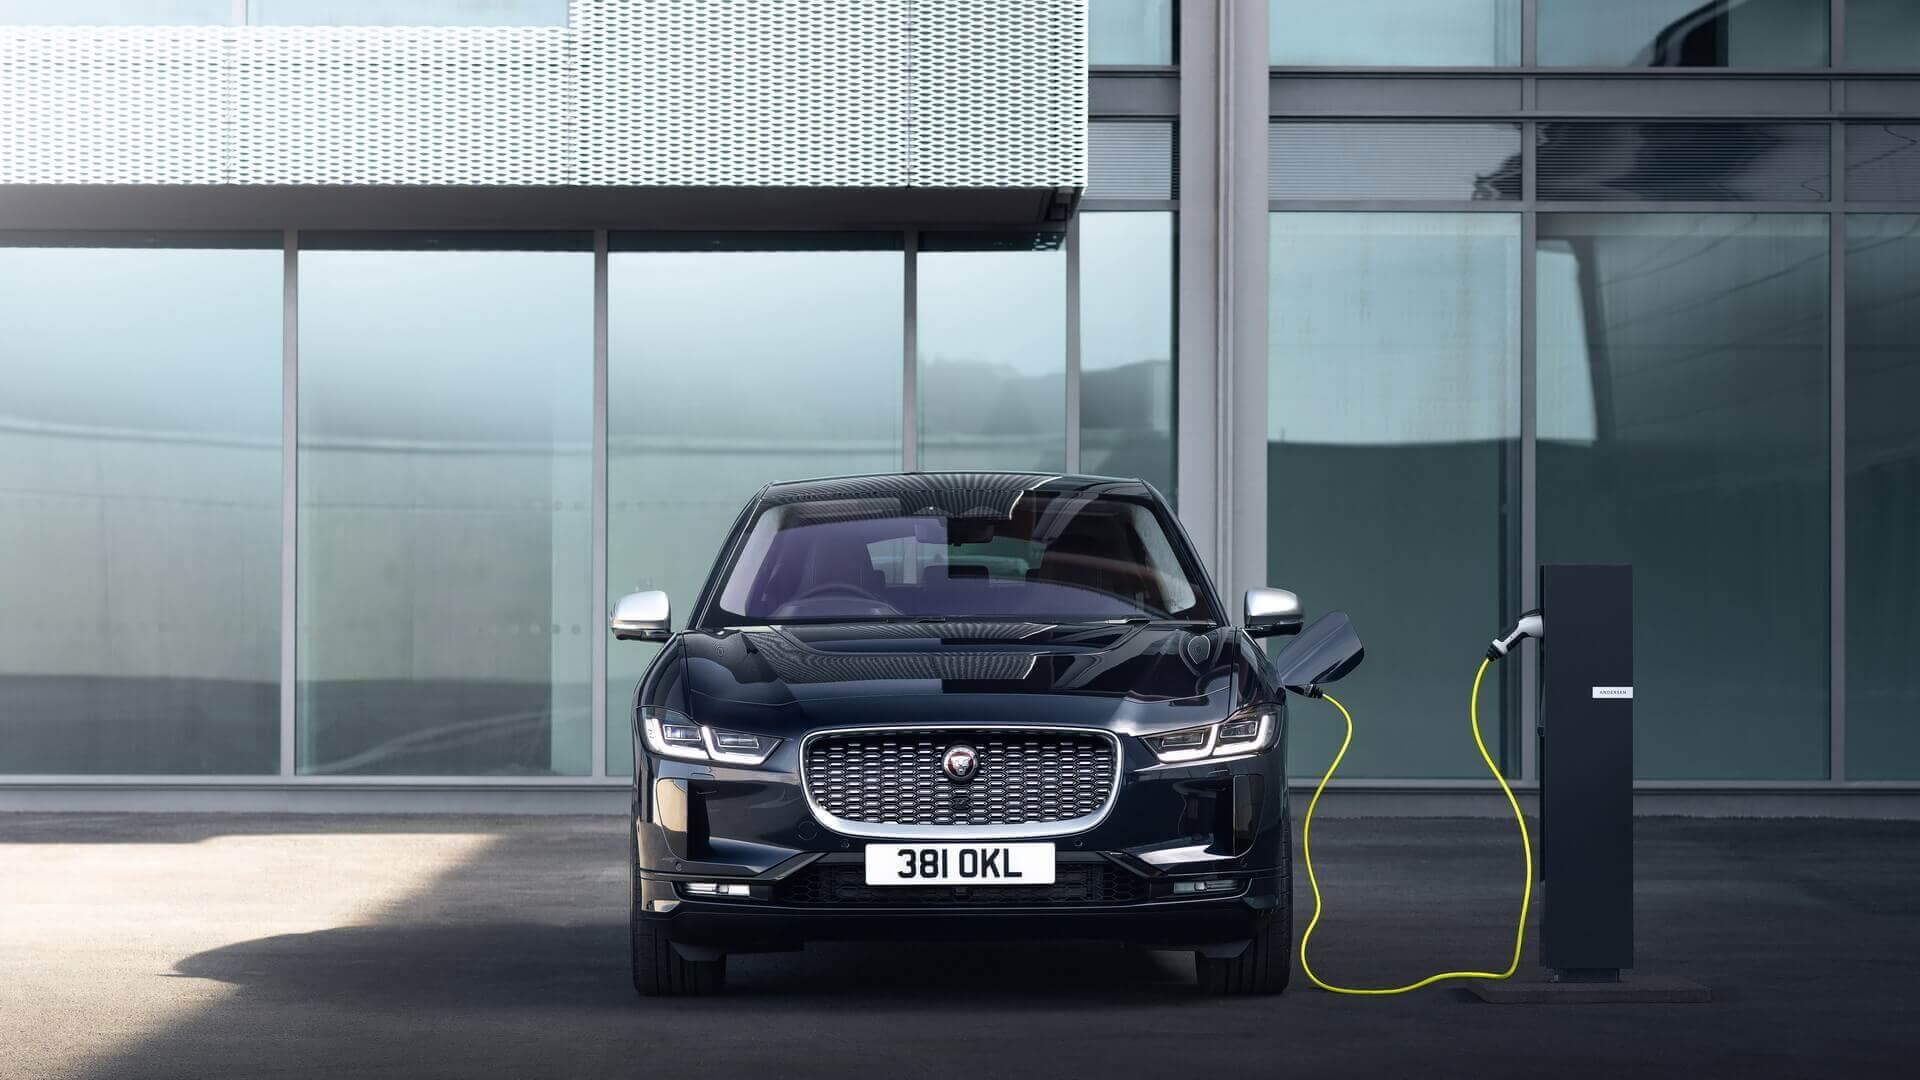 Jaguar I-PACE 2021 отримав бортовий зарядний пристрій потужністю 11 кВт